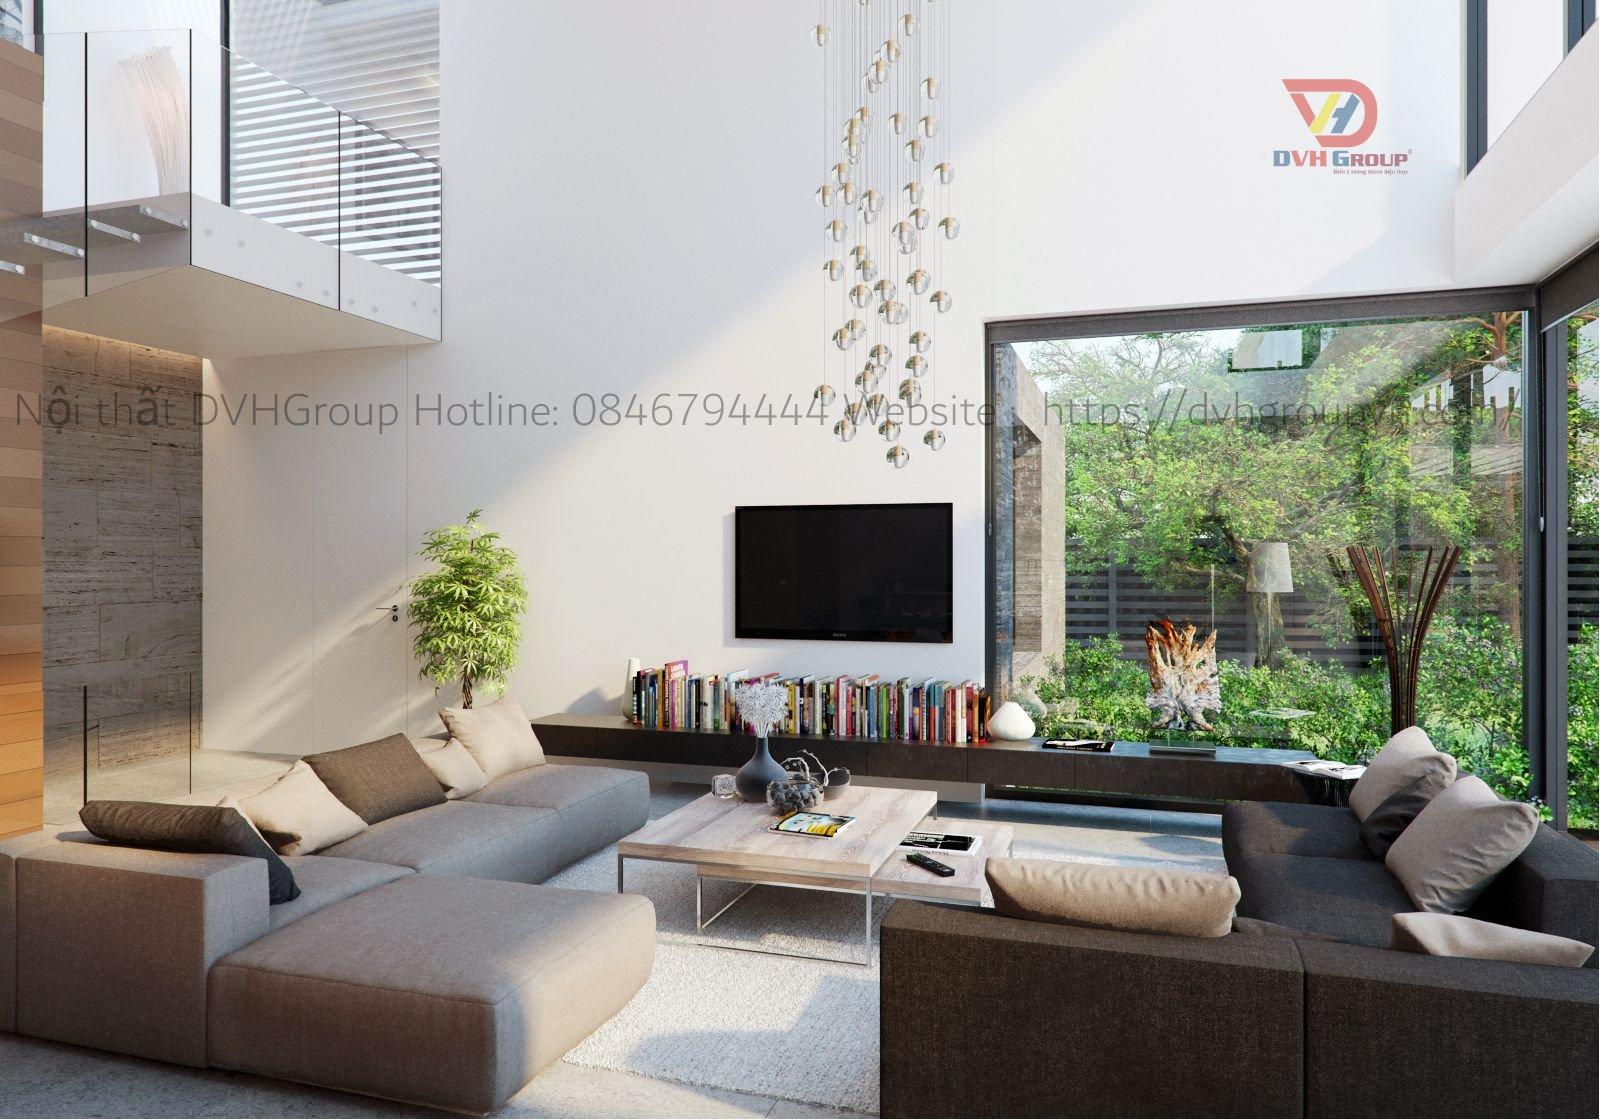 Chọn công ty thiết kế nội thất căn hộ chung cư uy tín, hợp với phong cách của bạn